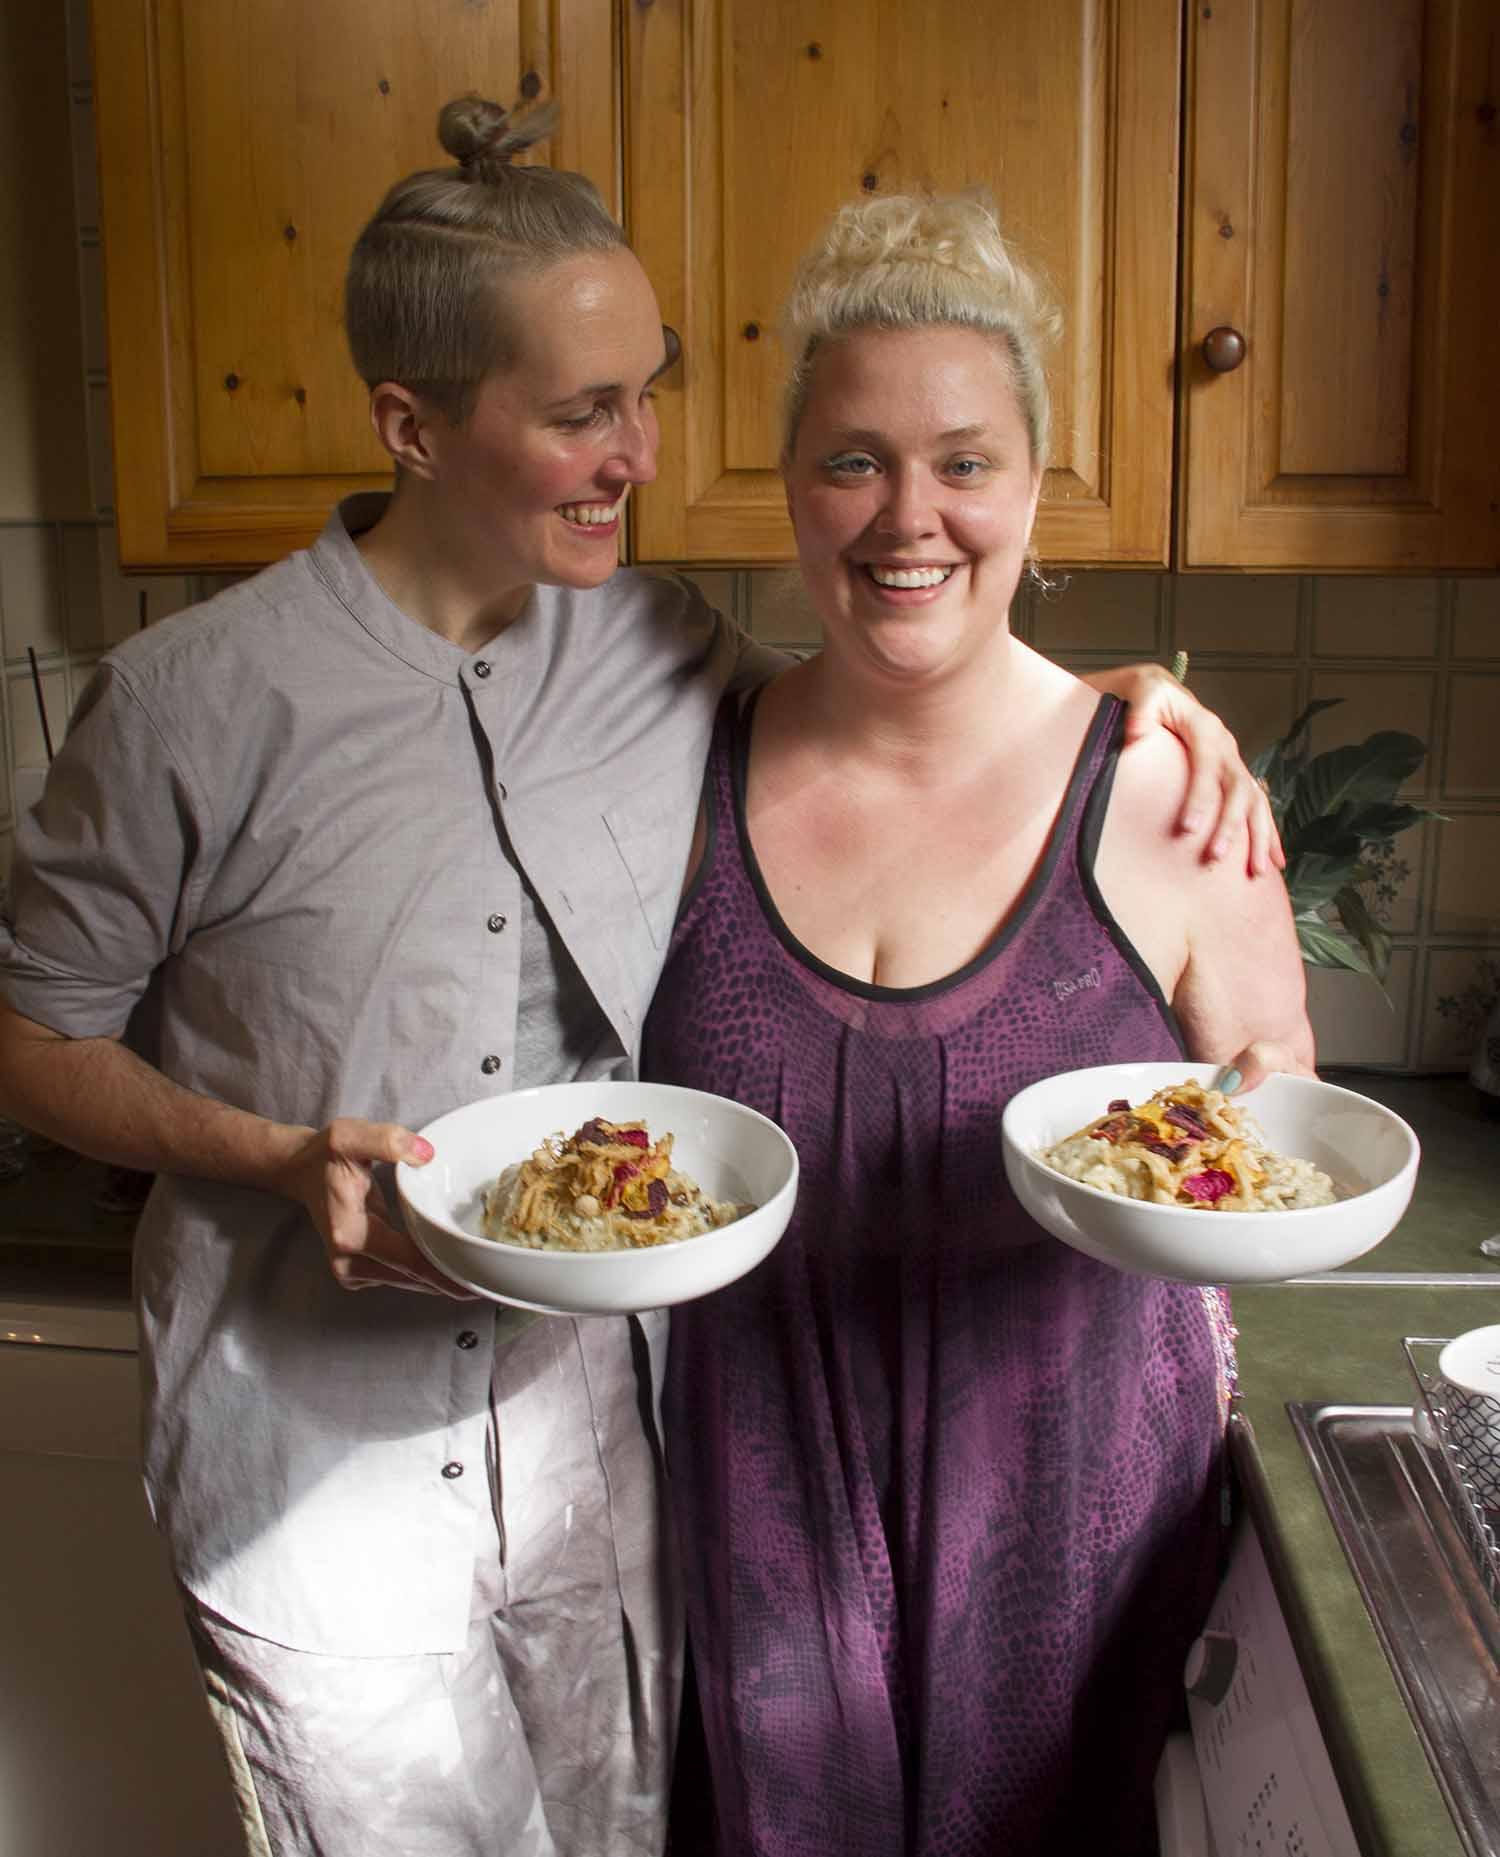 queer cooking